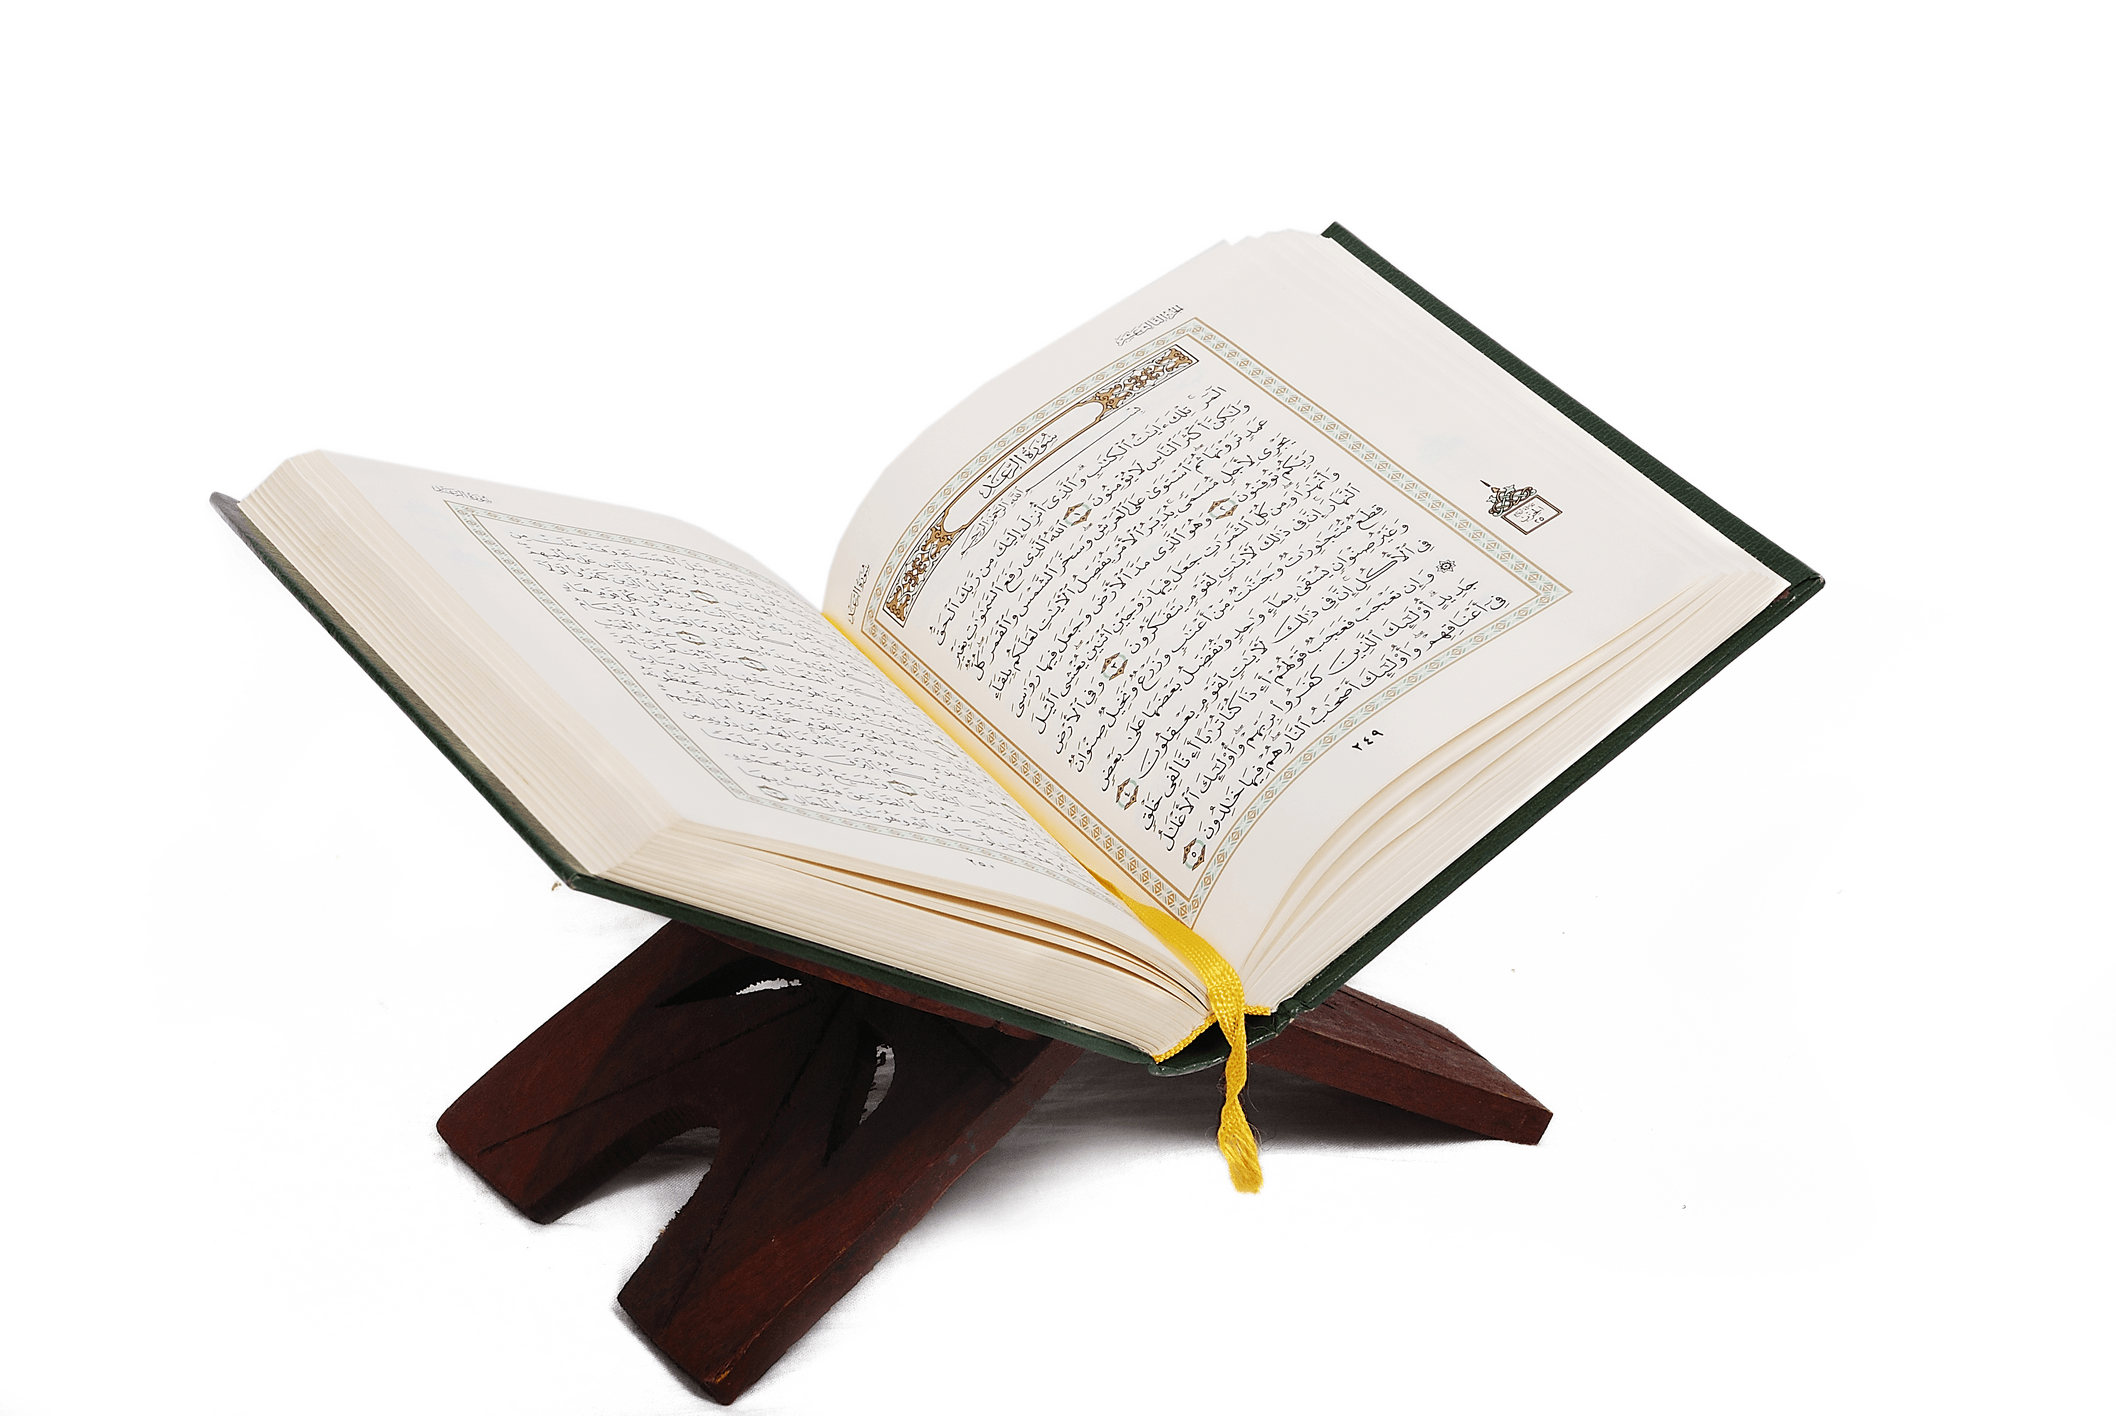 Iltifat dalam Quran